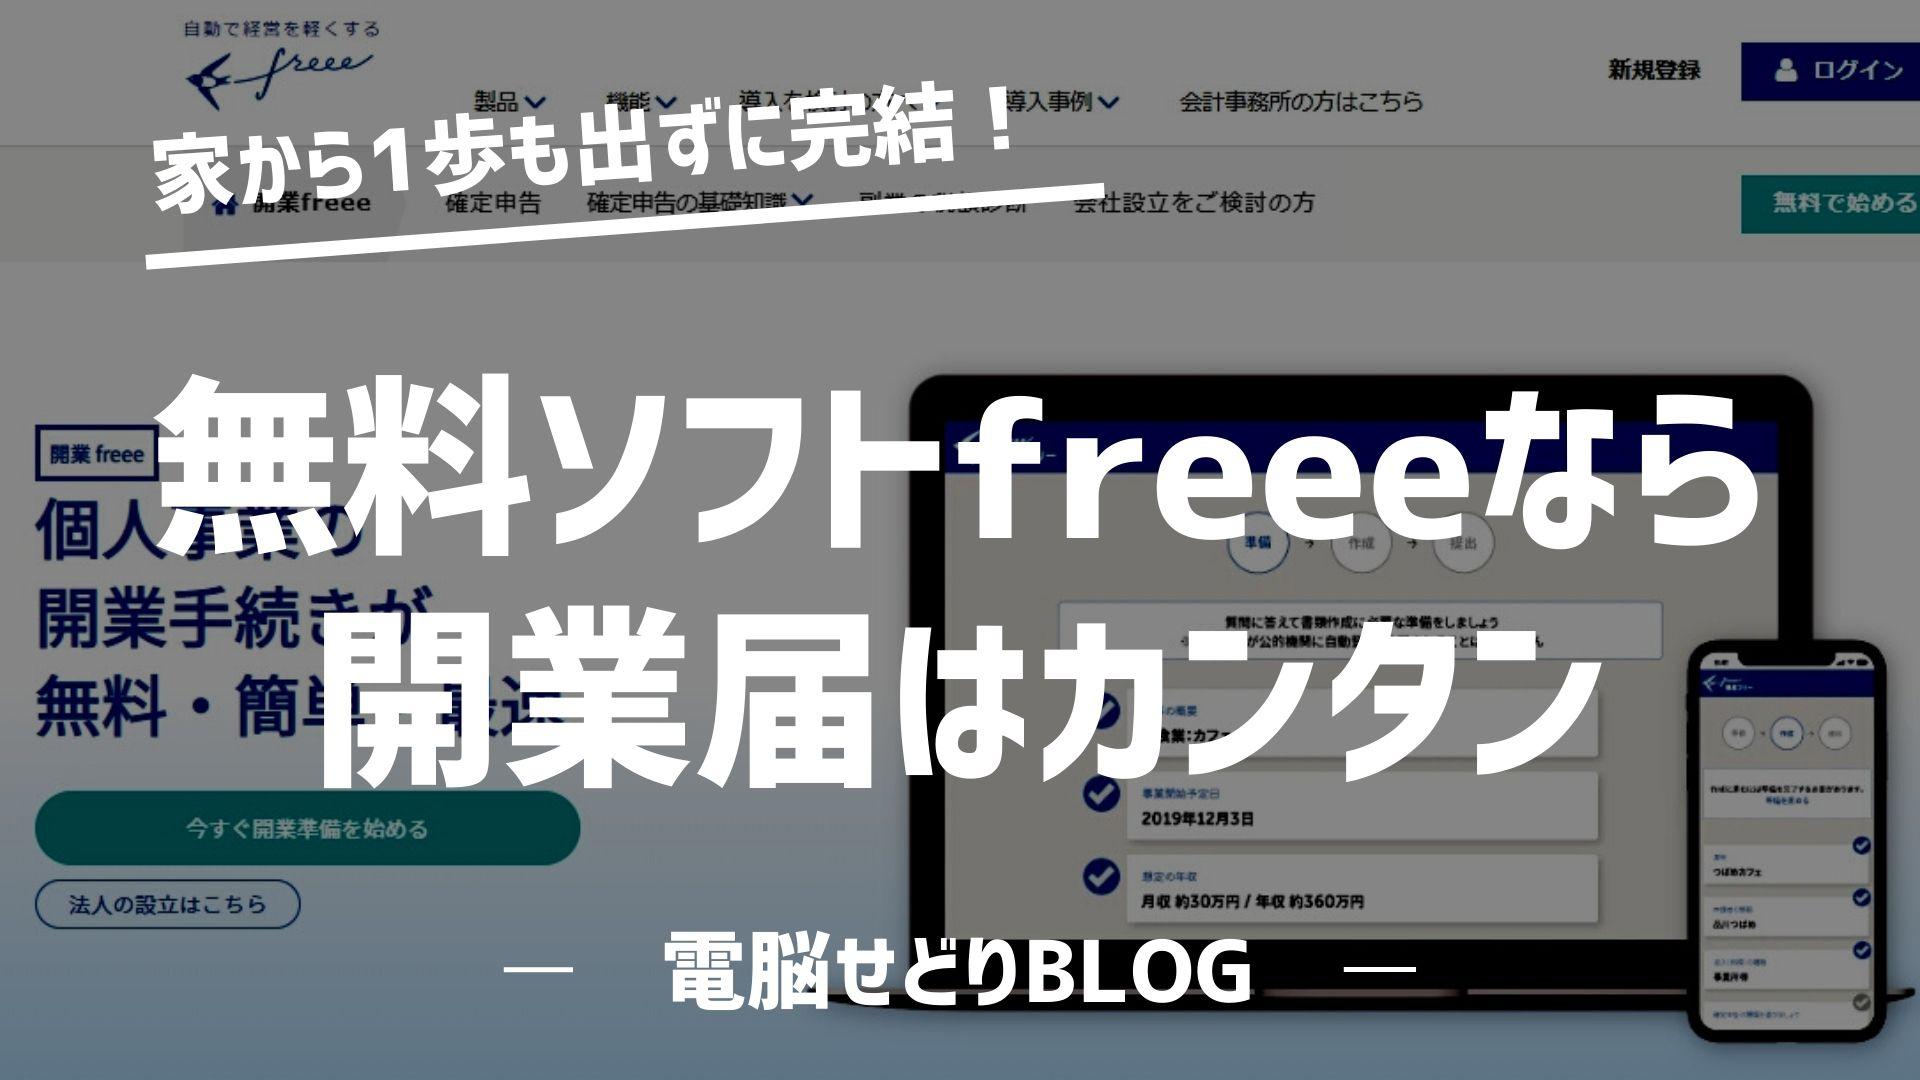 【自宅で全て完結!】無料ソフトfreeeで開業届を作製&提出する方法を紹介!